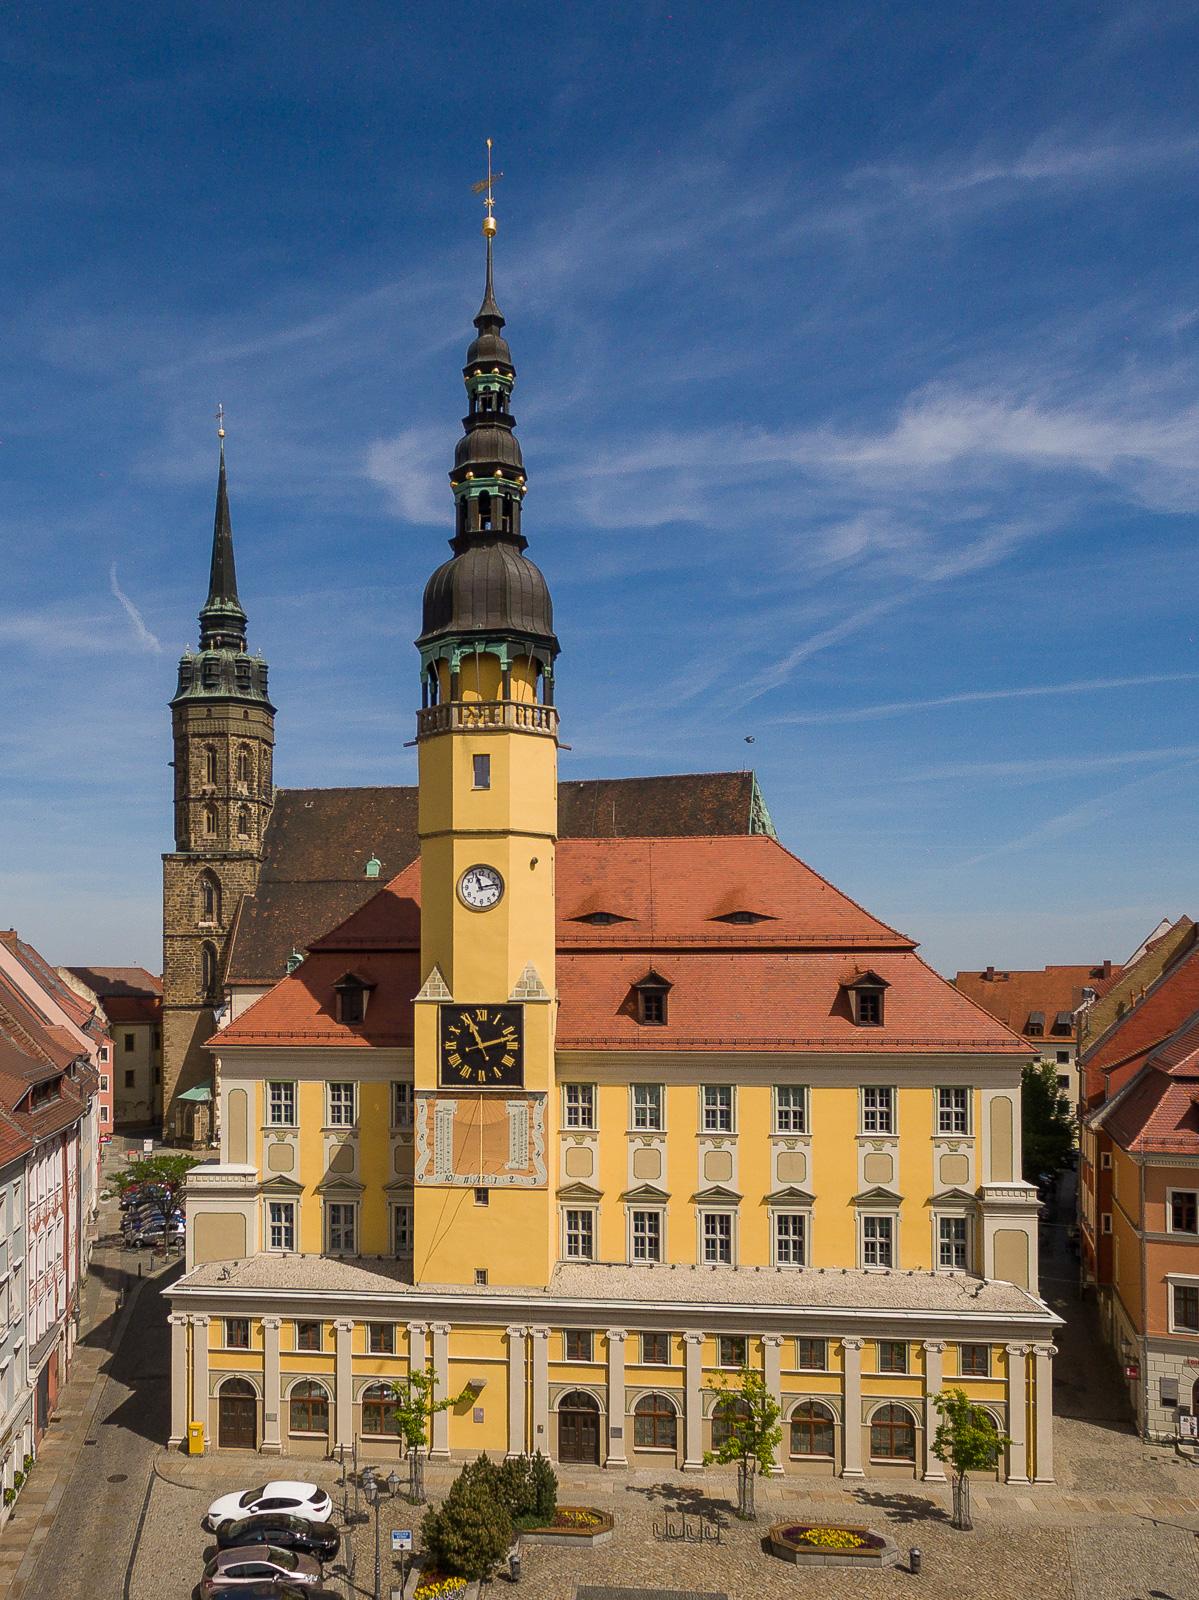 Rathaus in Bautzen aus Richtung Innerer Lauenstraße